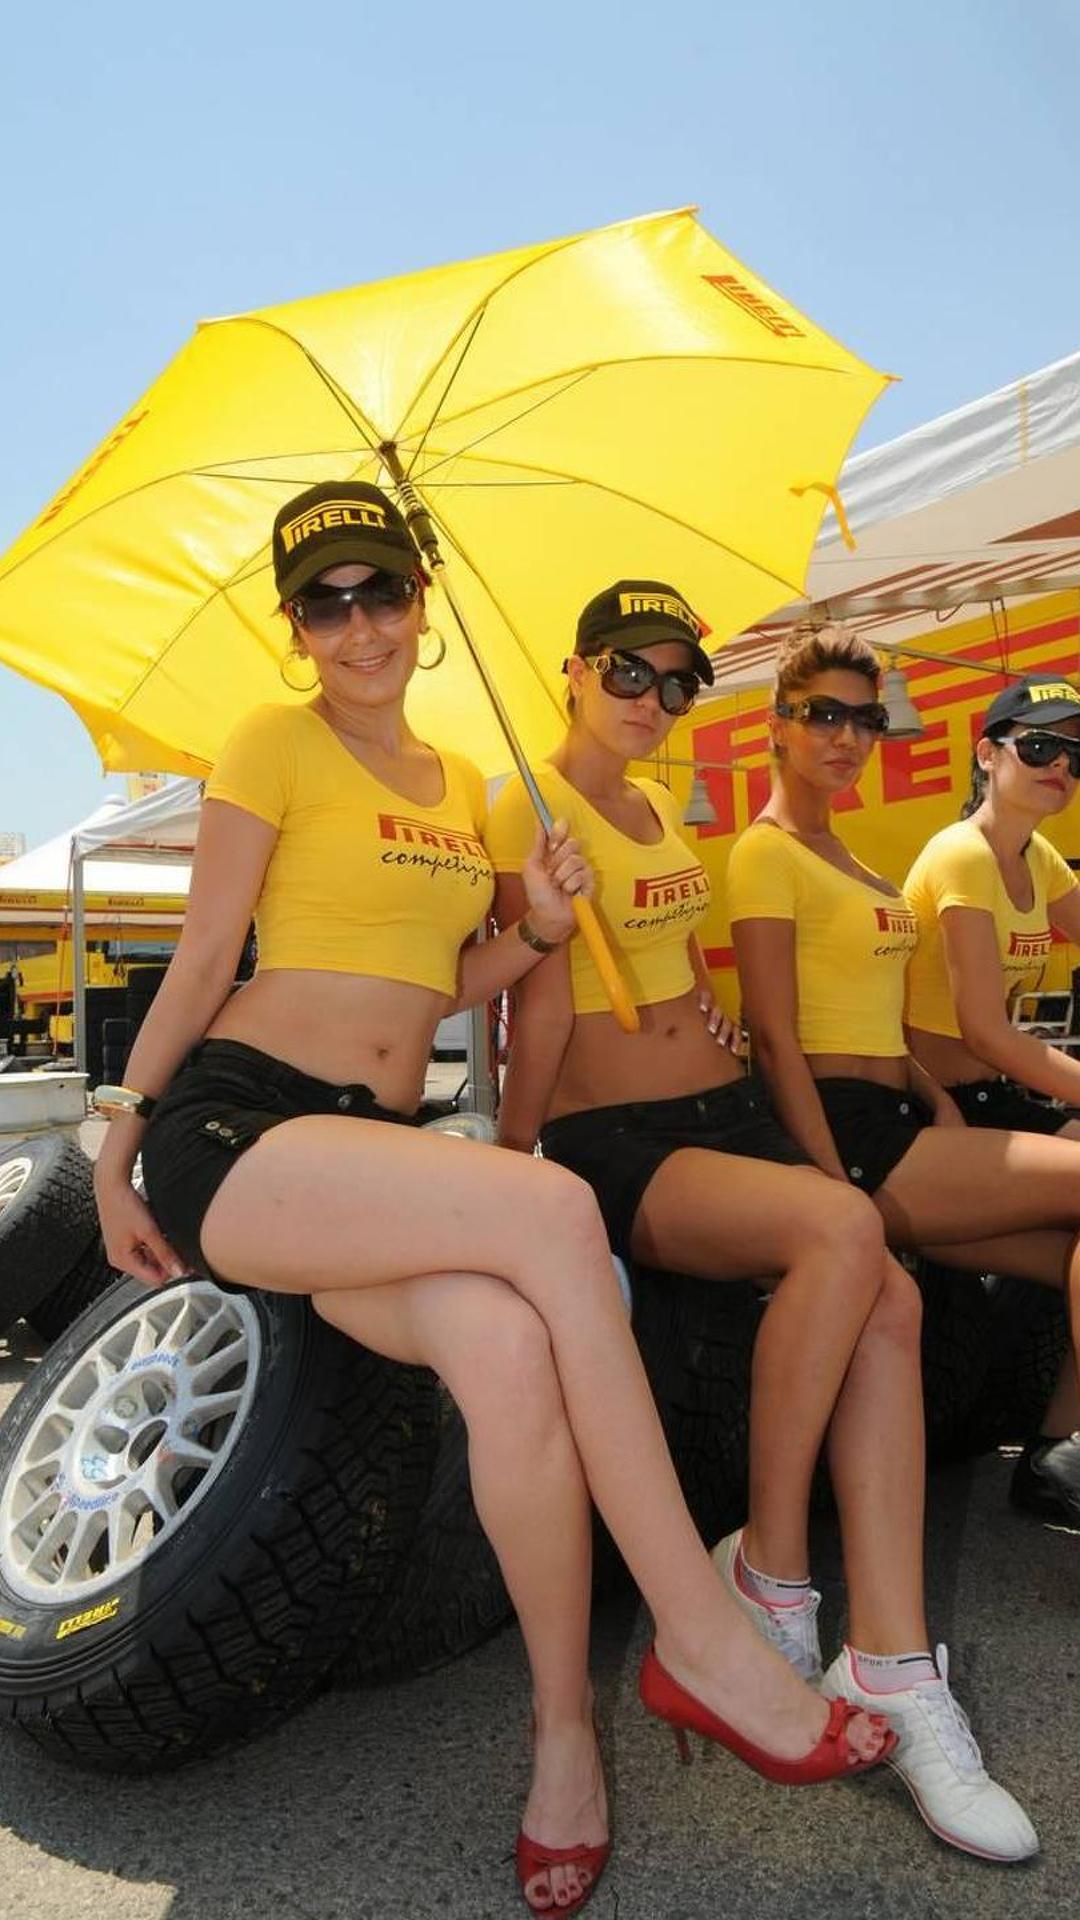 Vettel, not Webber, to do Pirelli tyre test